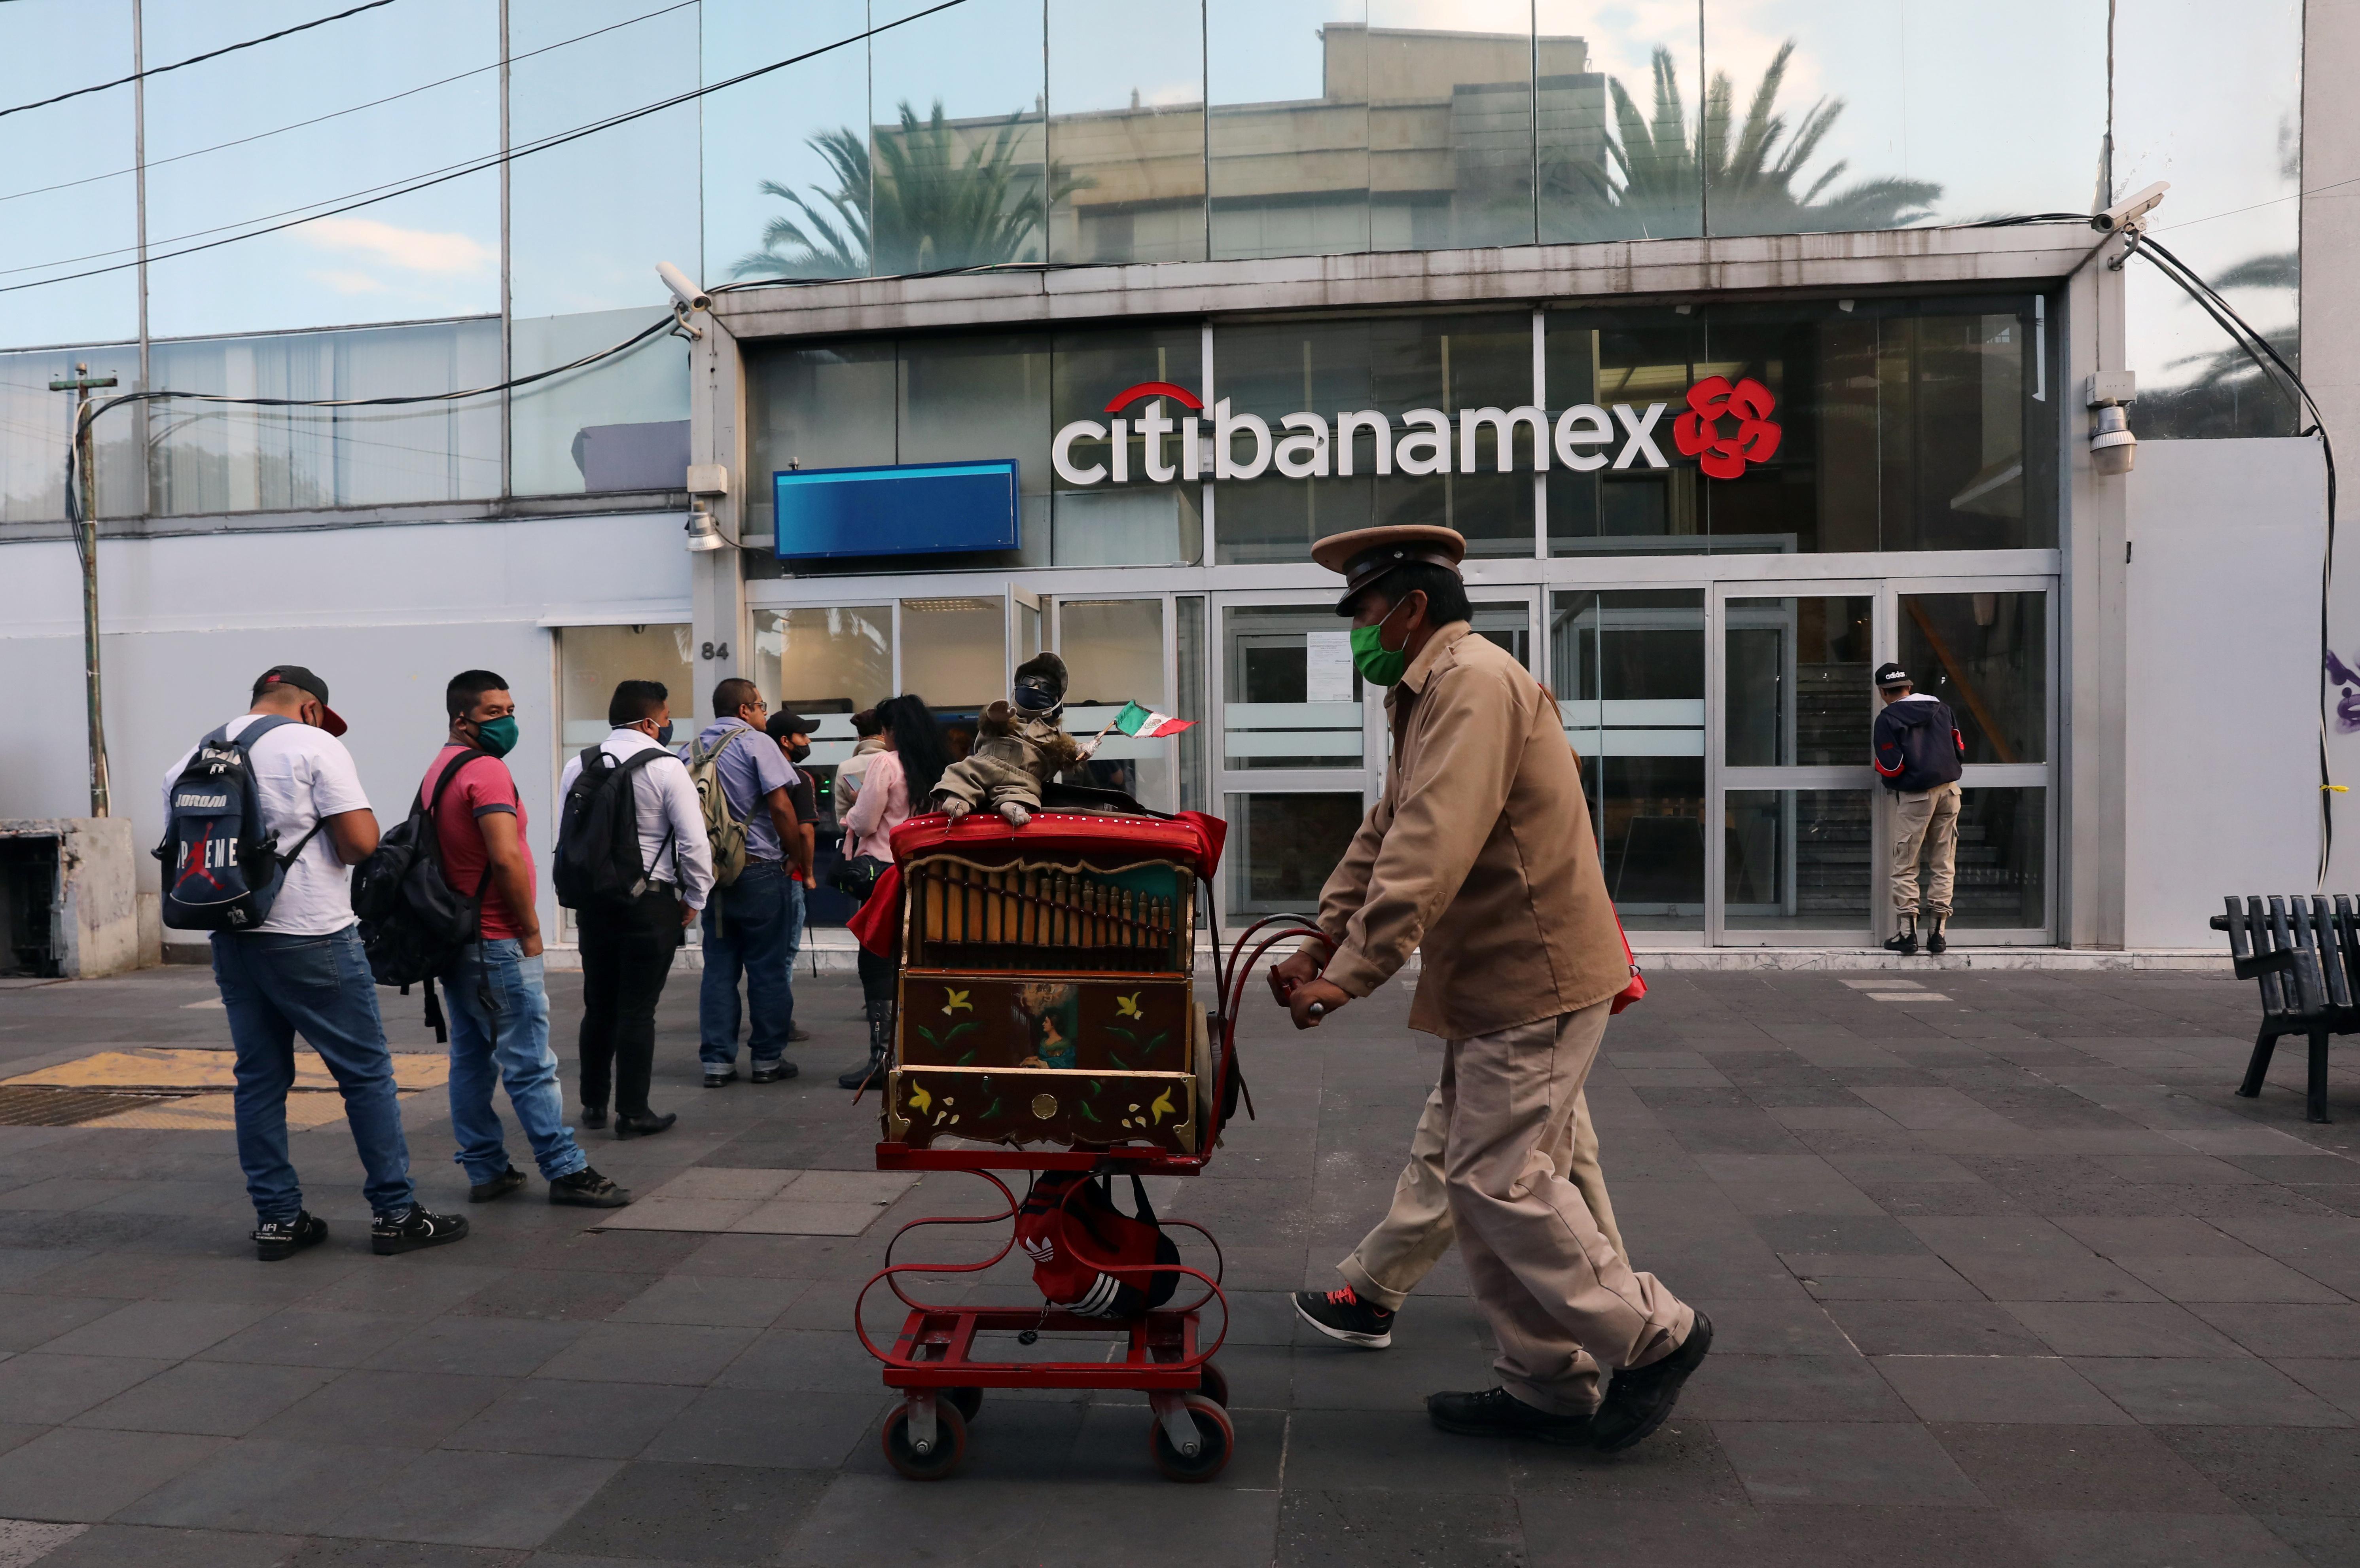 Un músico empuja un organillero a lo largo de una acera cuando el alcalde de la Ciudad de México dijo el viernes que la capital mexicana levantará las restricciones sobre el tráfico de automóviles y el transporte público. Ciudad de México, México, 12 de junio de 2020. Foto: Reuters.